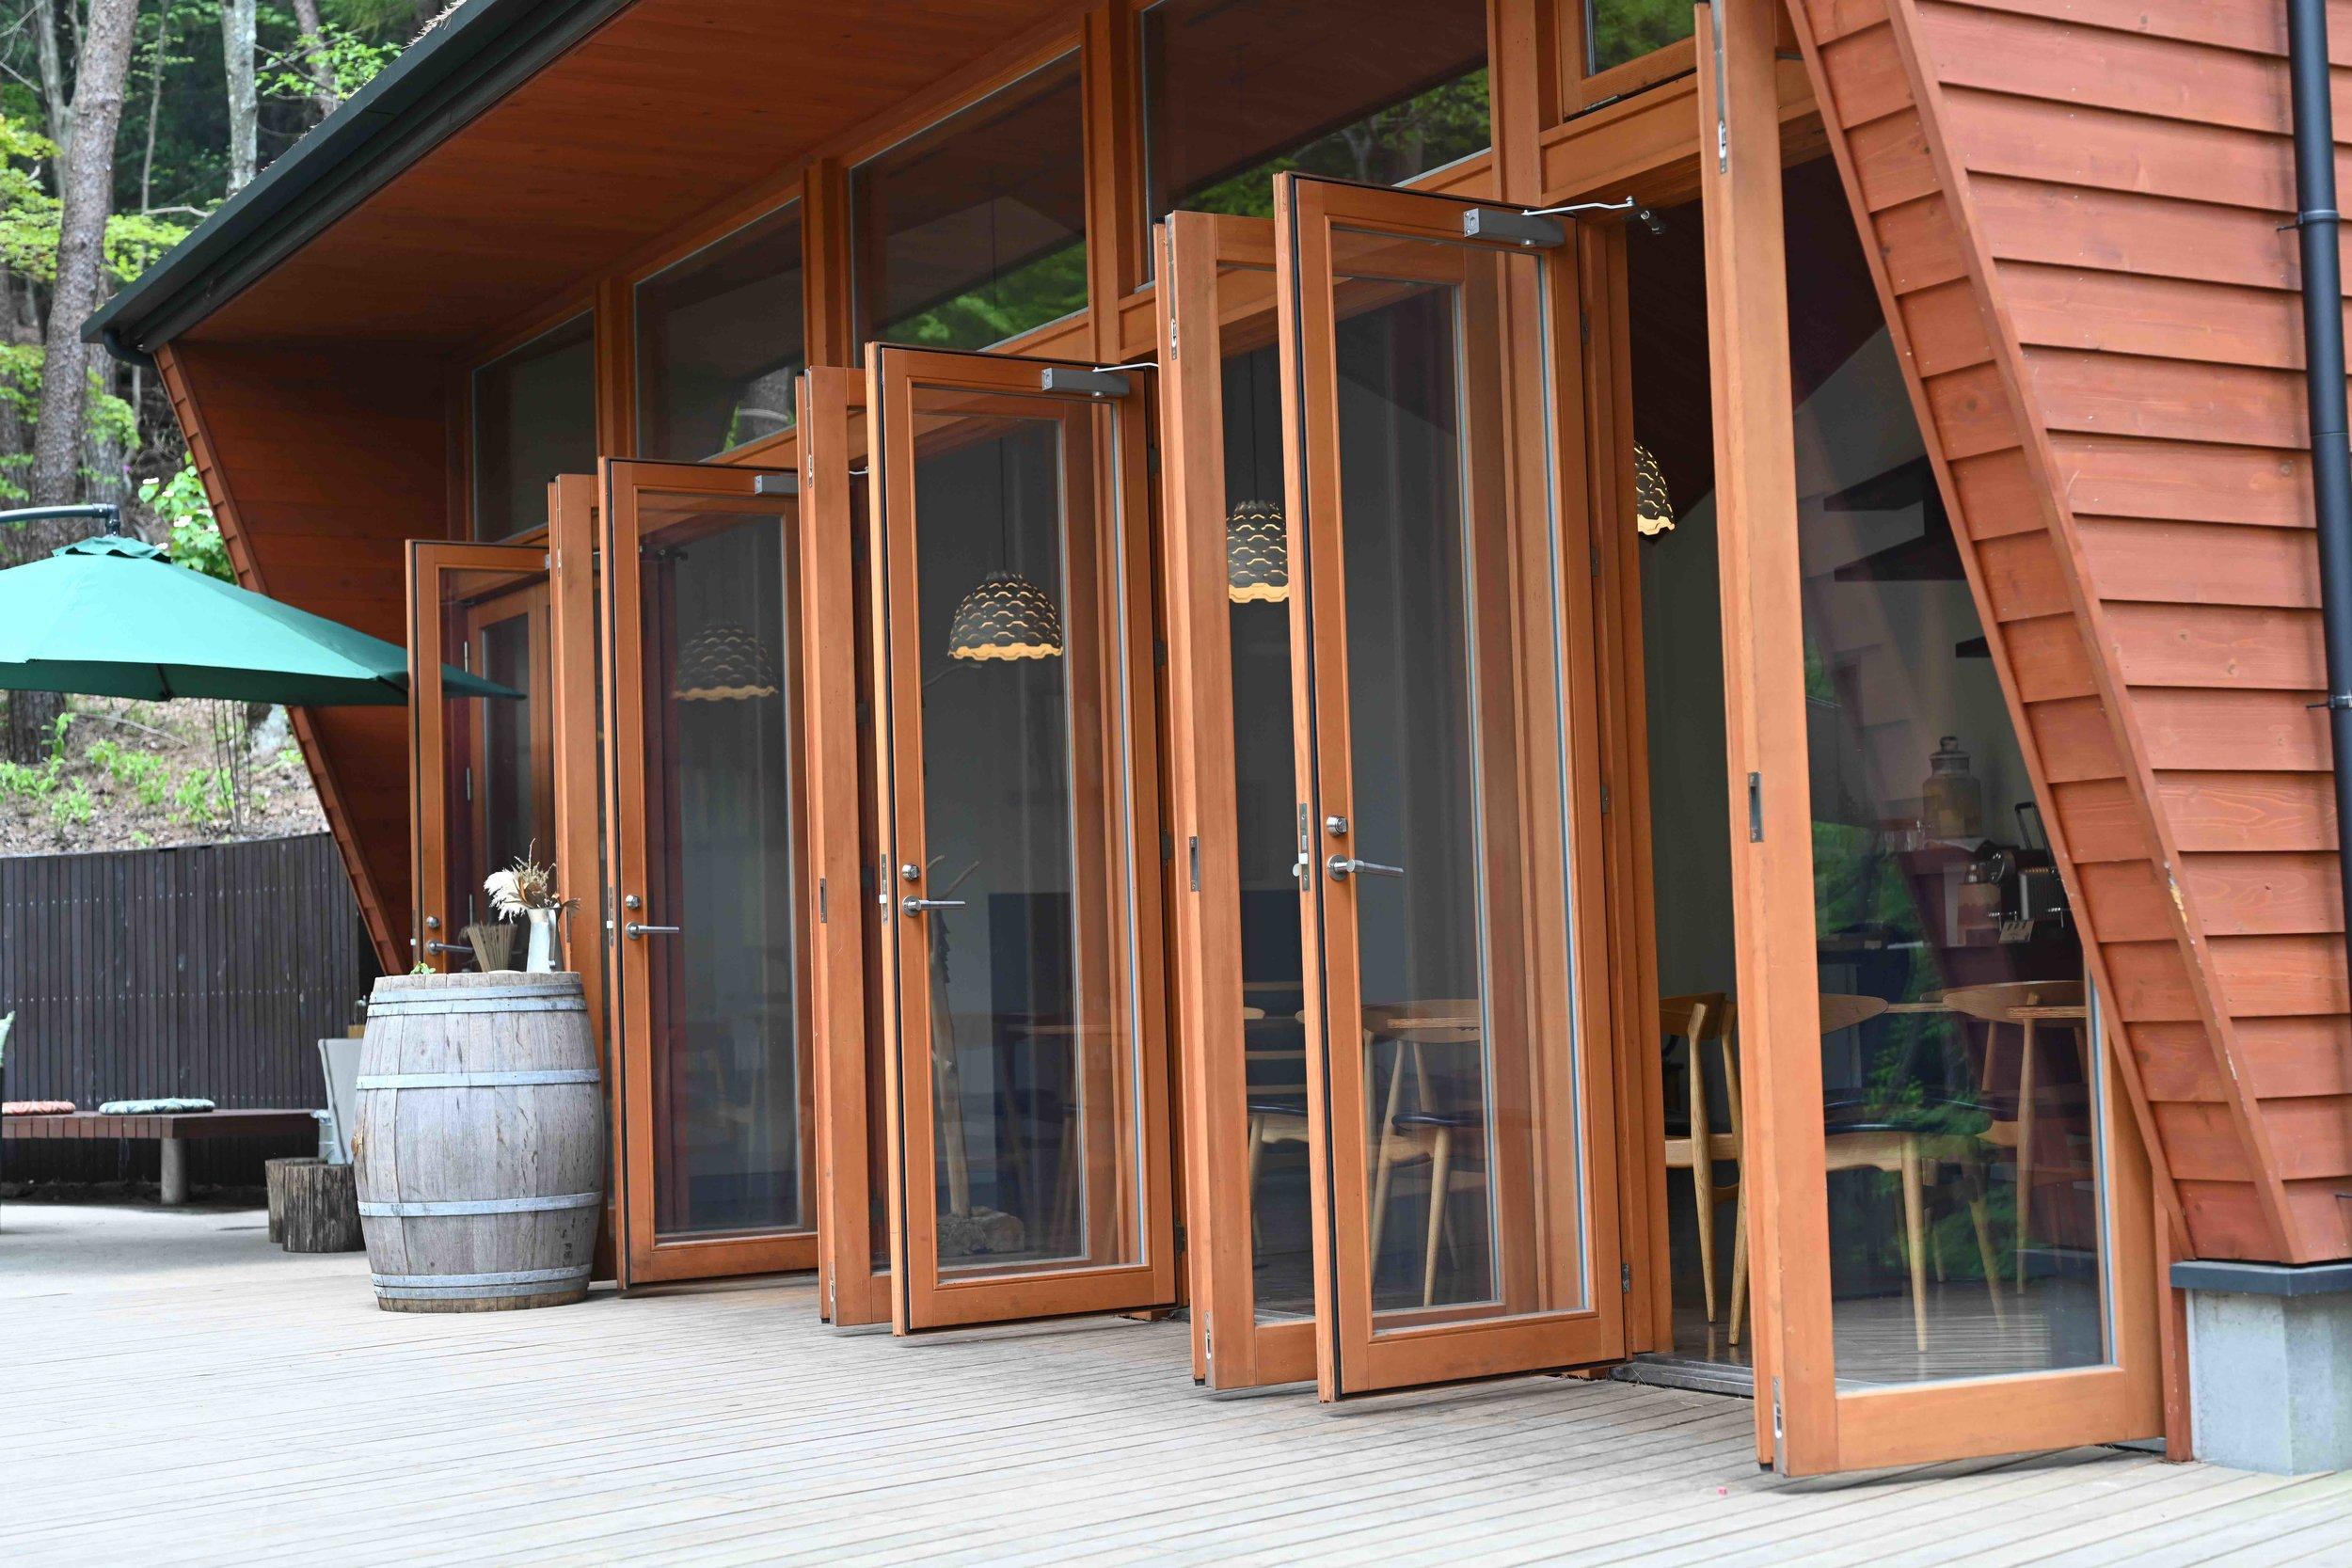 Cloud cafe exterior.jpg